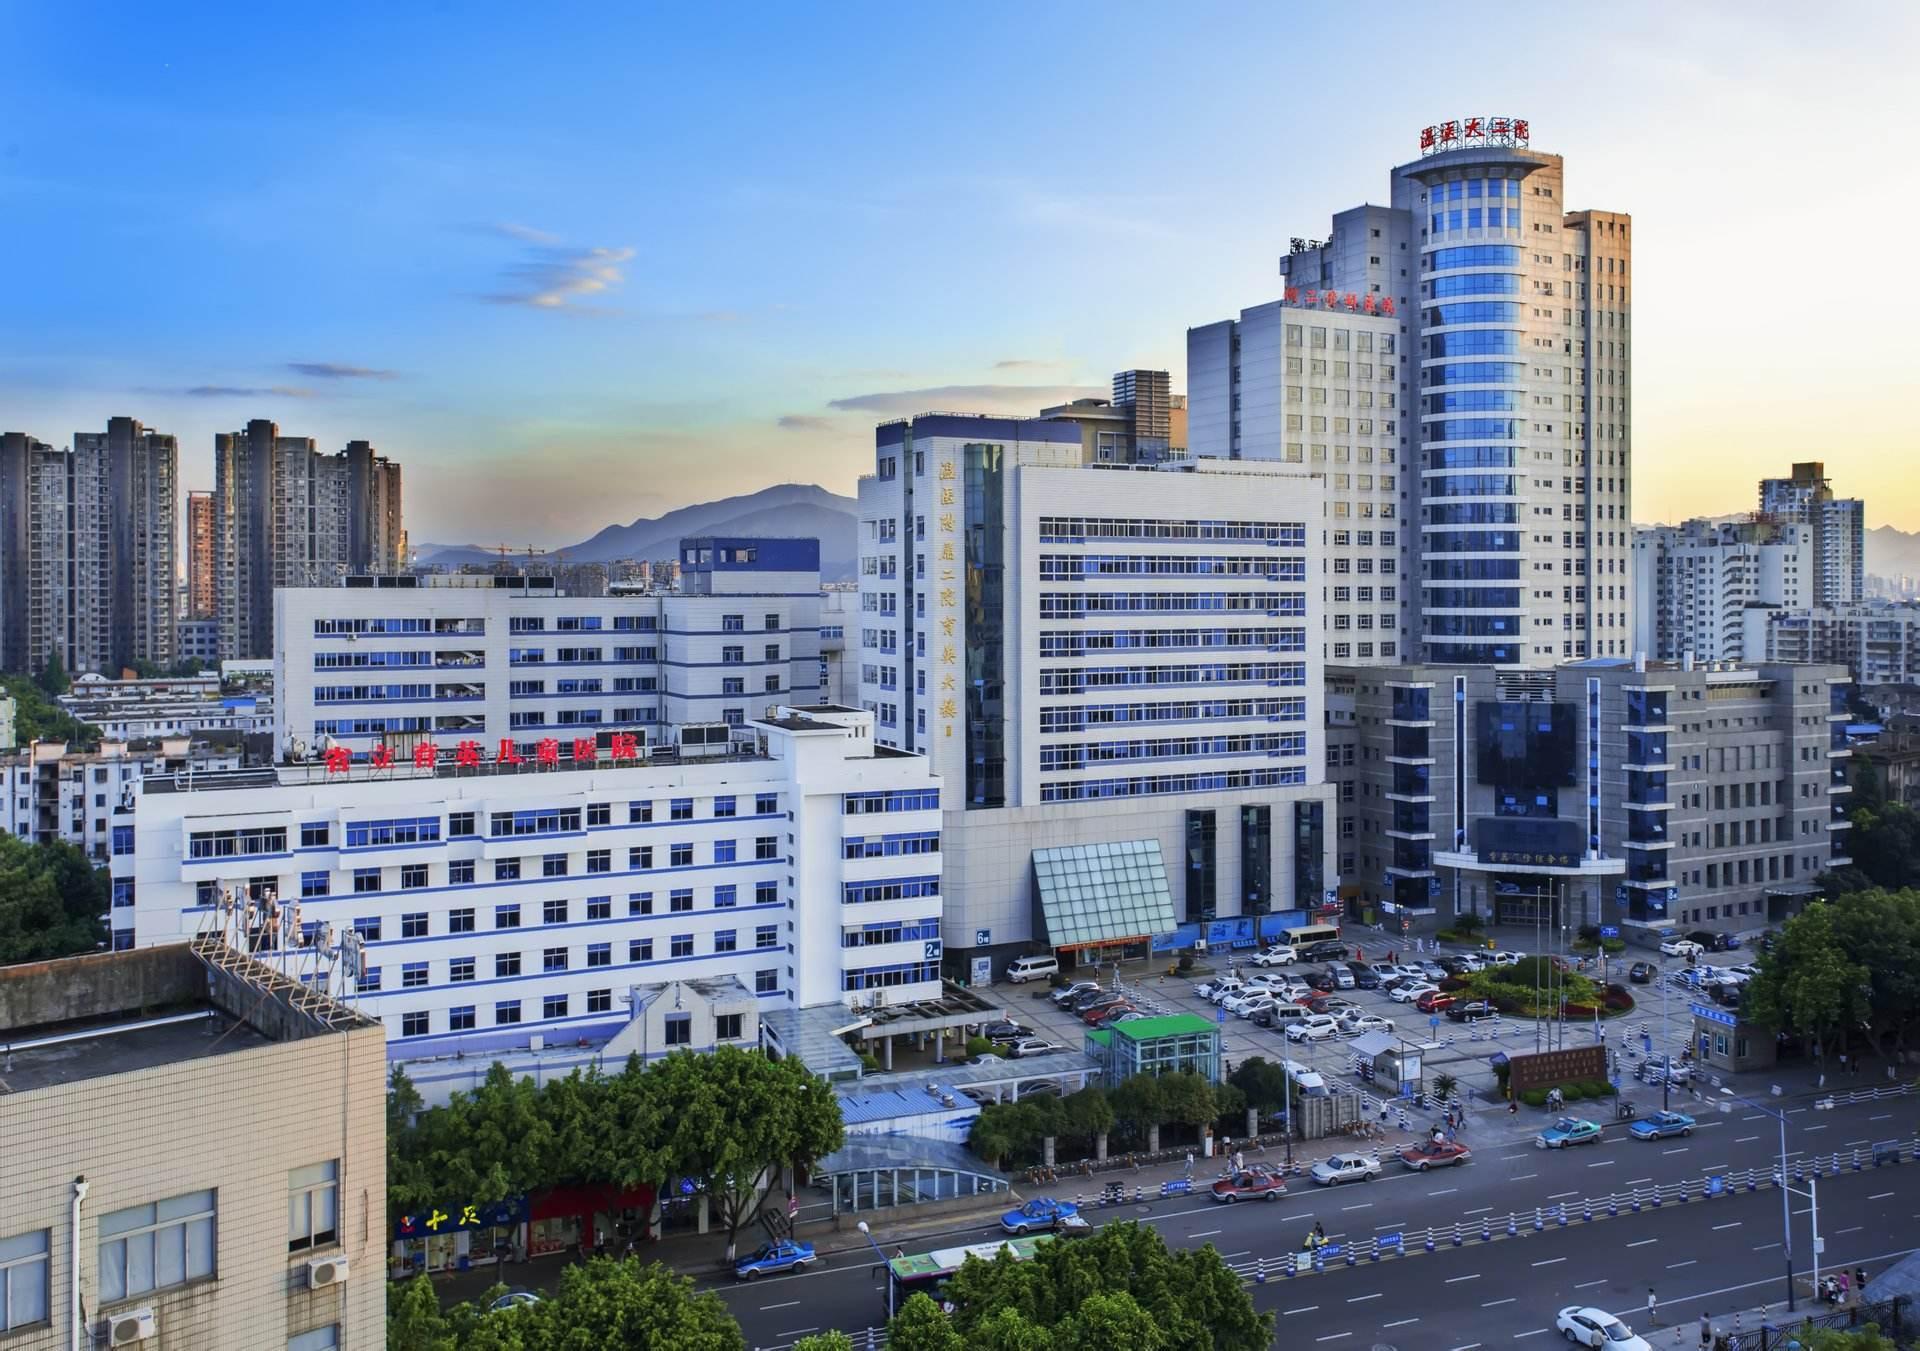 嘉兴医院排行_浙江医院前10排名:主要集中于杭州和温州,金华和嘉兴皆无一上榜